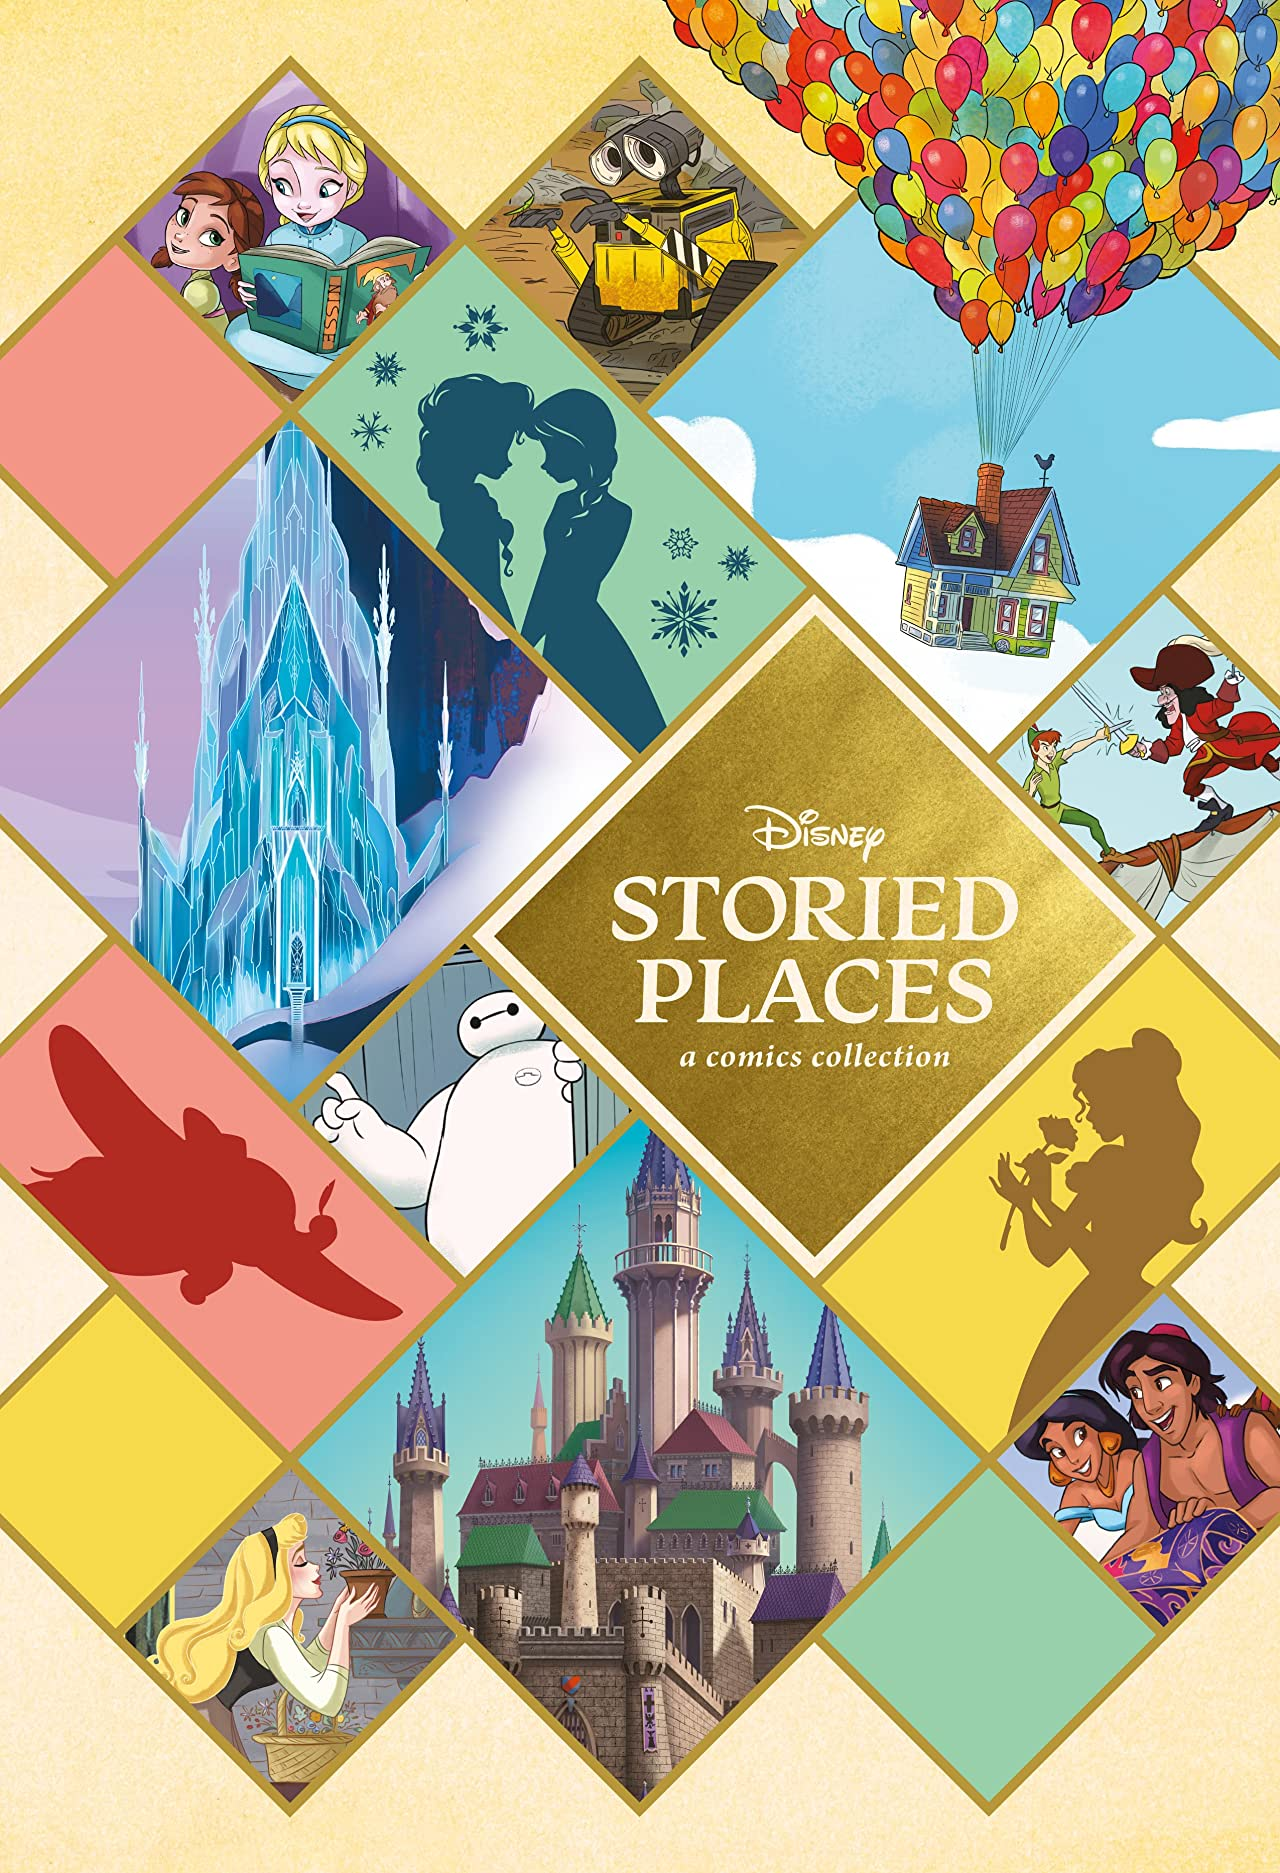 Disney Storied Places